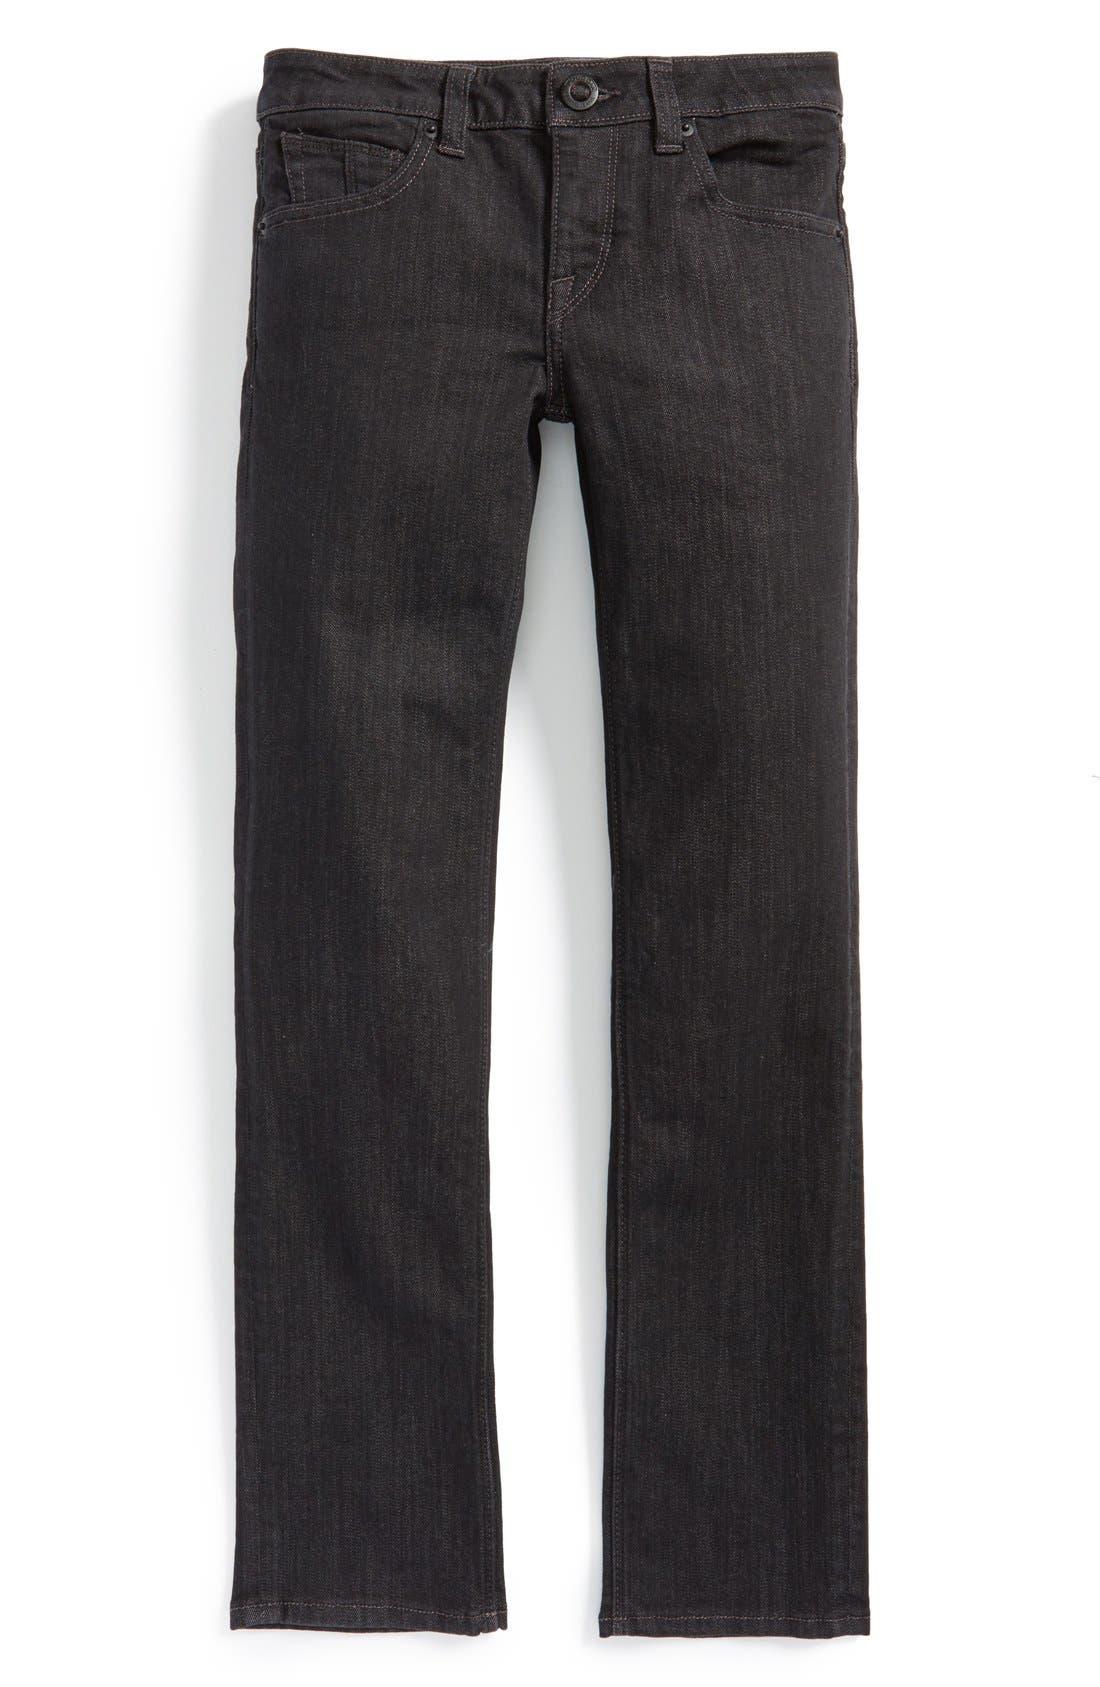 'Vorta' Slim Fit Jeans,                             Main thumbnail 1, color,                             005